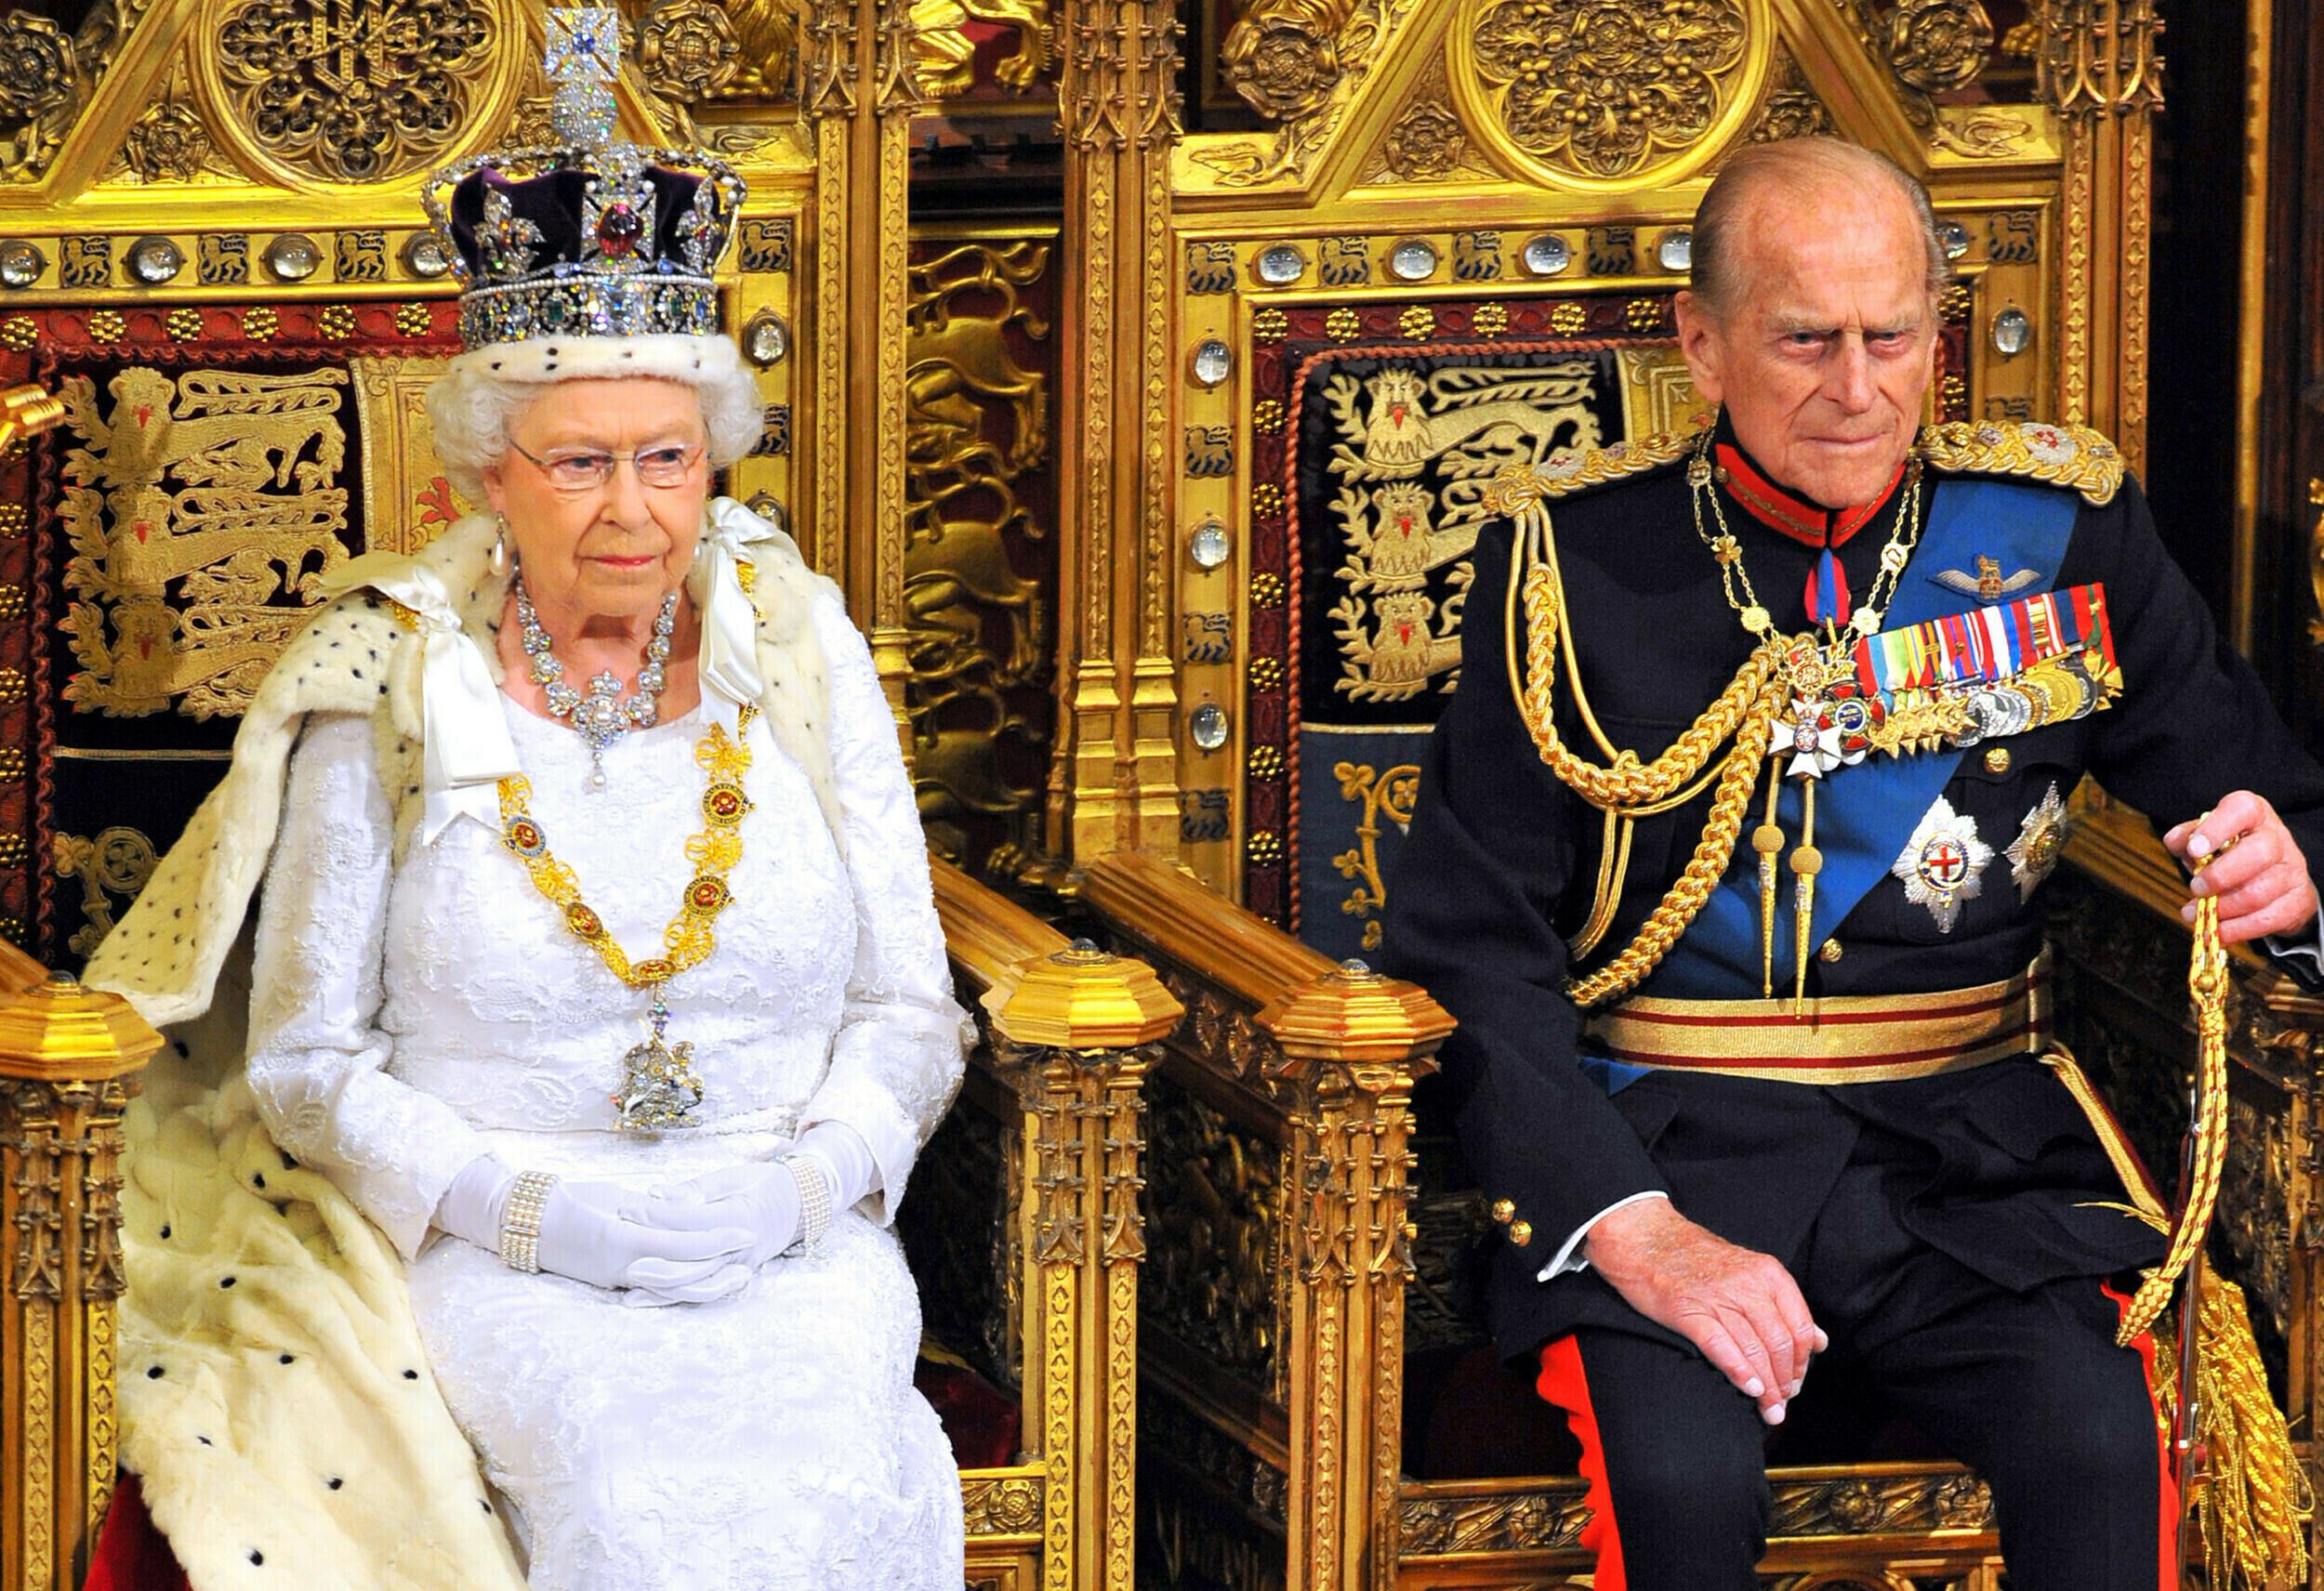 Πρίγκιπας Φίλιππος: Η αμύθητη περιουσία που άφησε πίσω του - Ποιος θα την  κληρονομήσει | LiFO